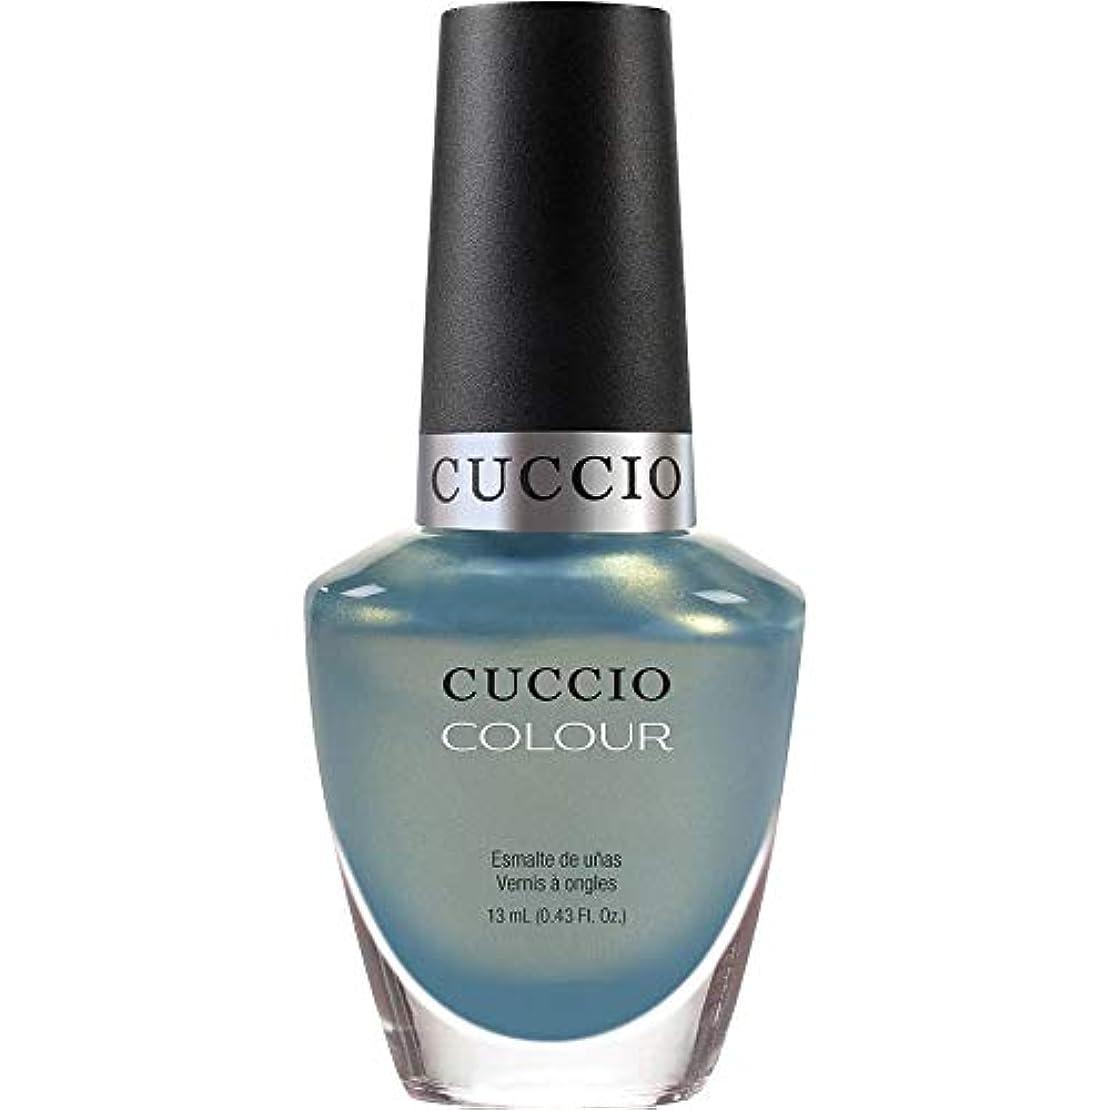 眠り許容流体Cuccio Colour Gloss Lacquer - Shore Thing - 0.43oz / 13ml